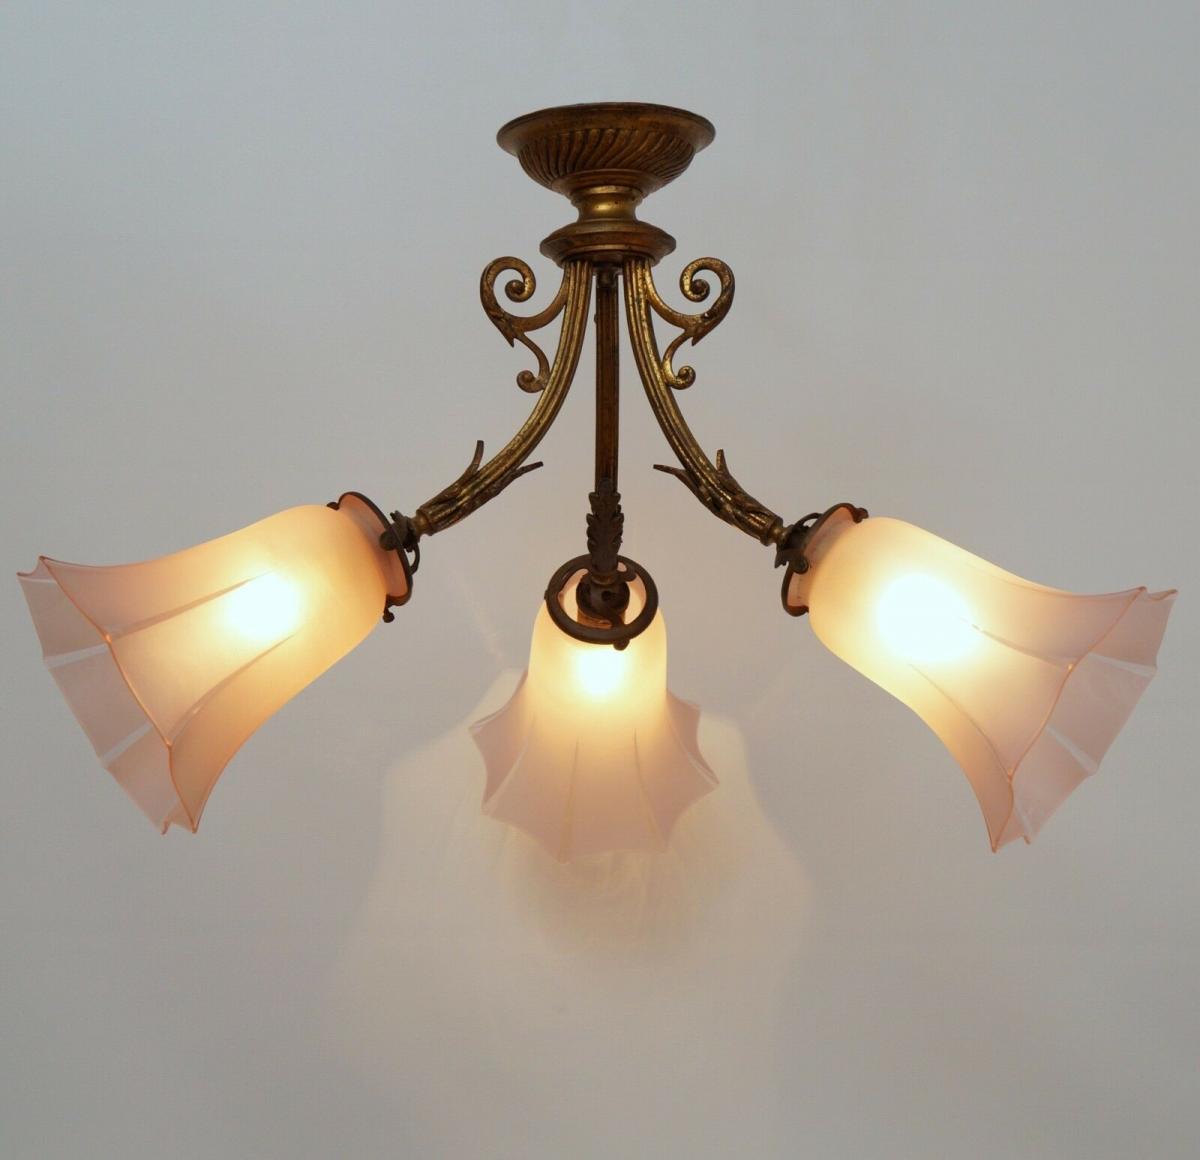 Wunderschöne Original Art Déco Jugendstil Deckenlampe Hängeleuchte 1910  Messing